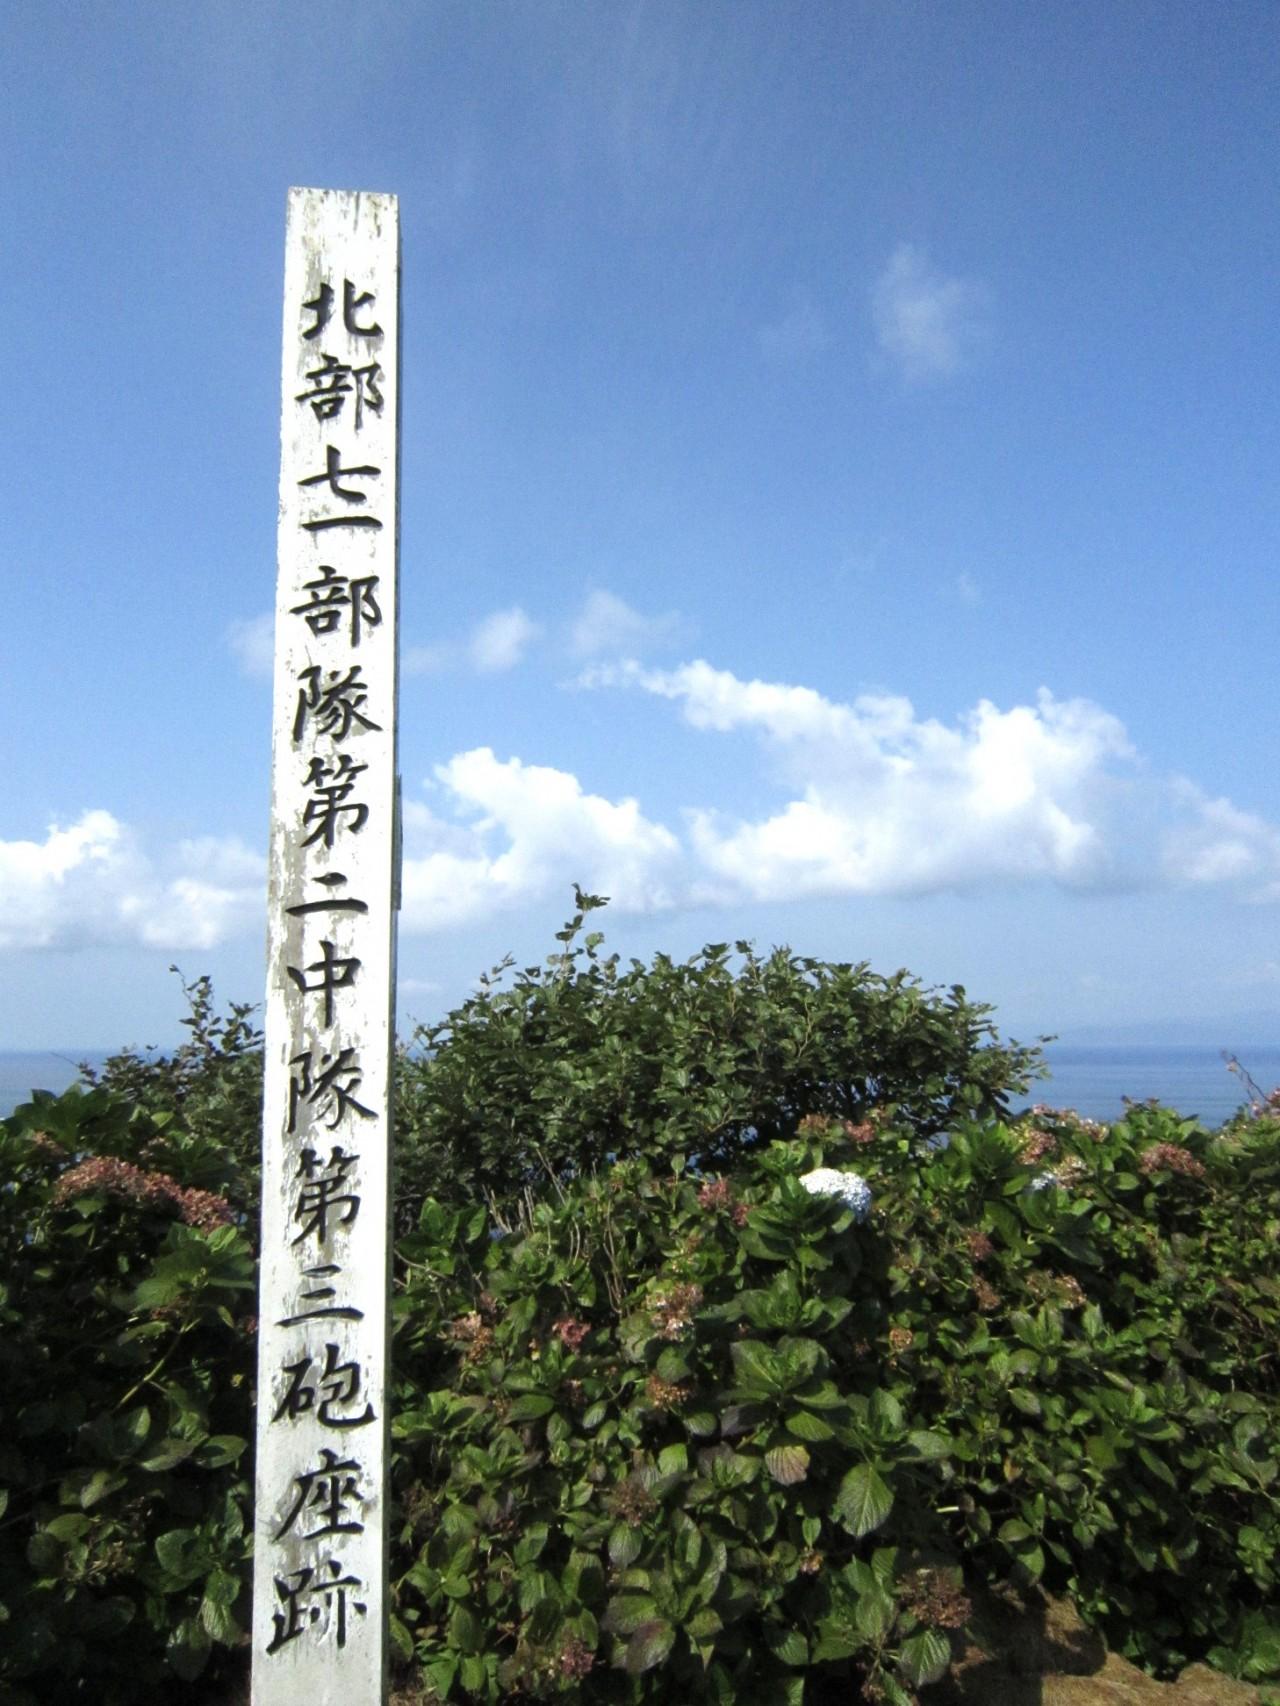 青森 津軽 外ヶ浜町 風景 夏 晴天 雲 海 青 竜飛岬 看板